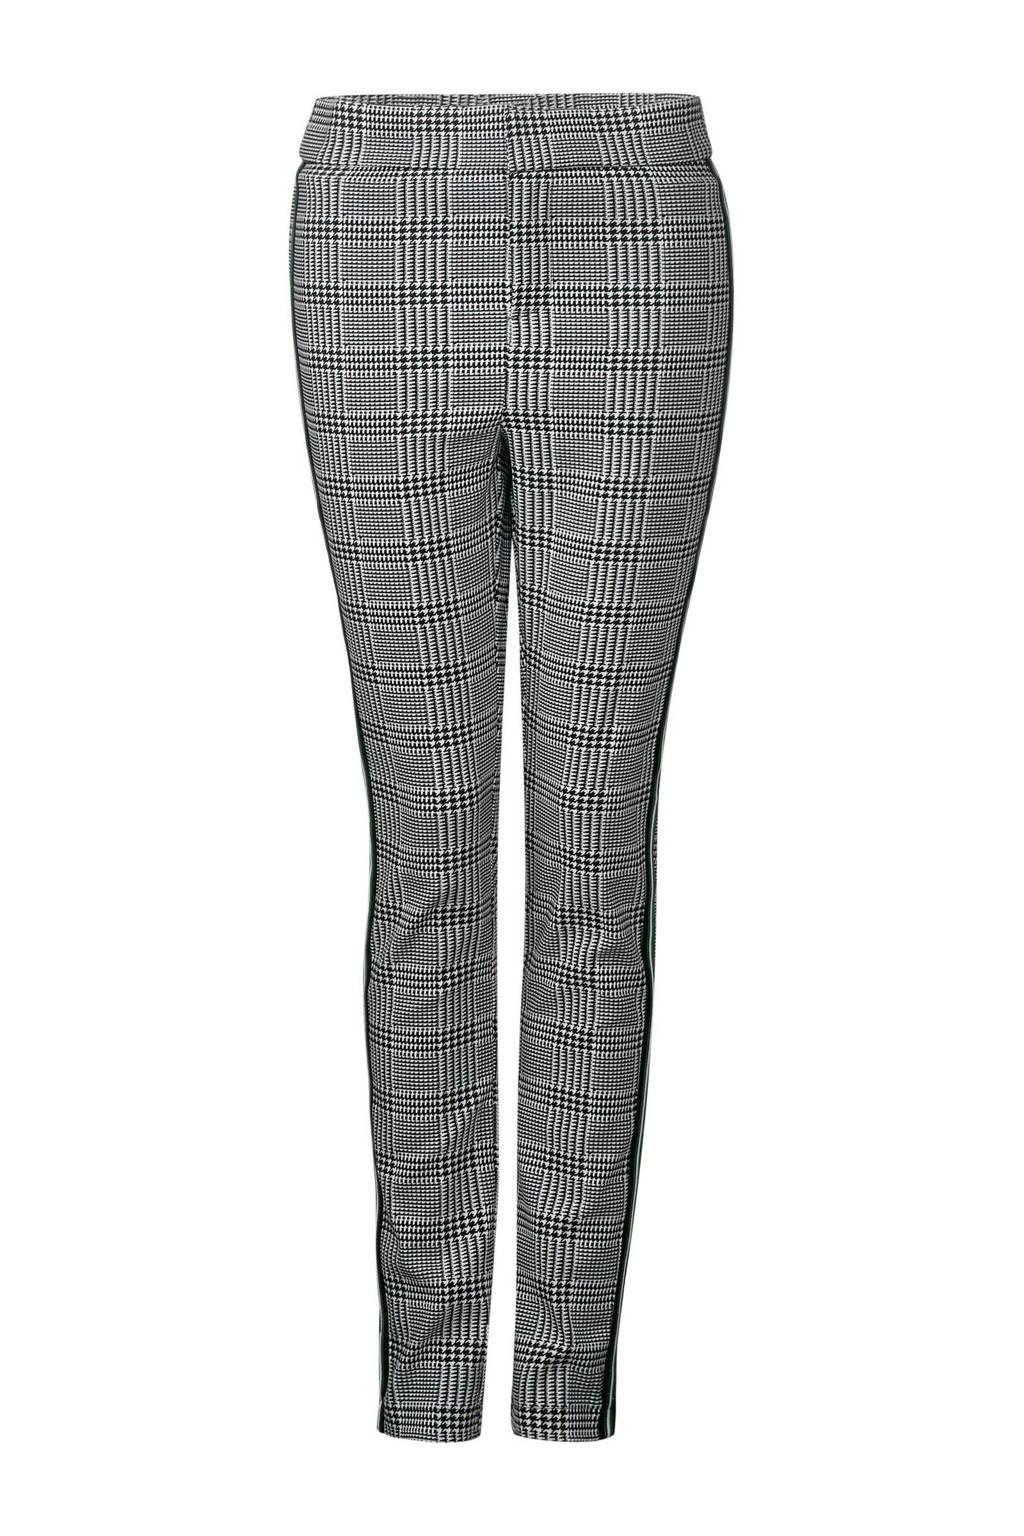 Street One high waist skinny fit broek Hope met ruitprint, Zwart/wit